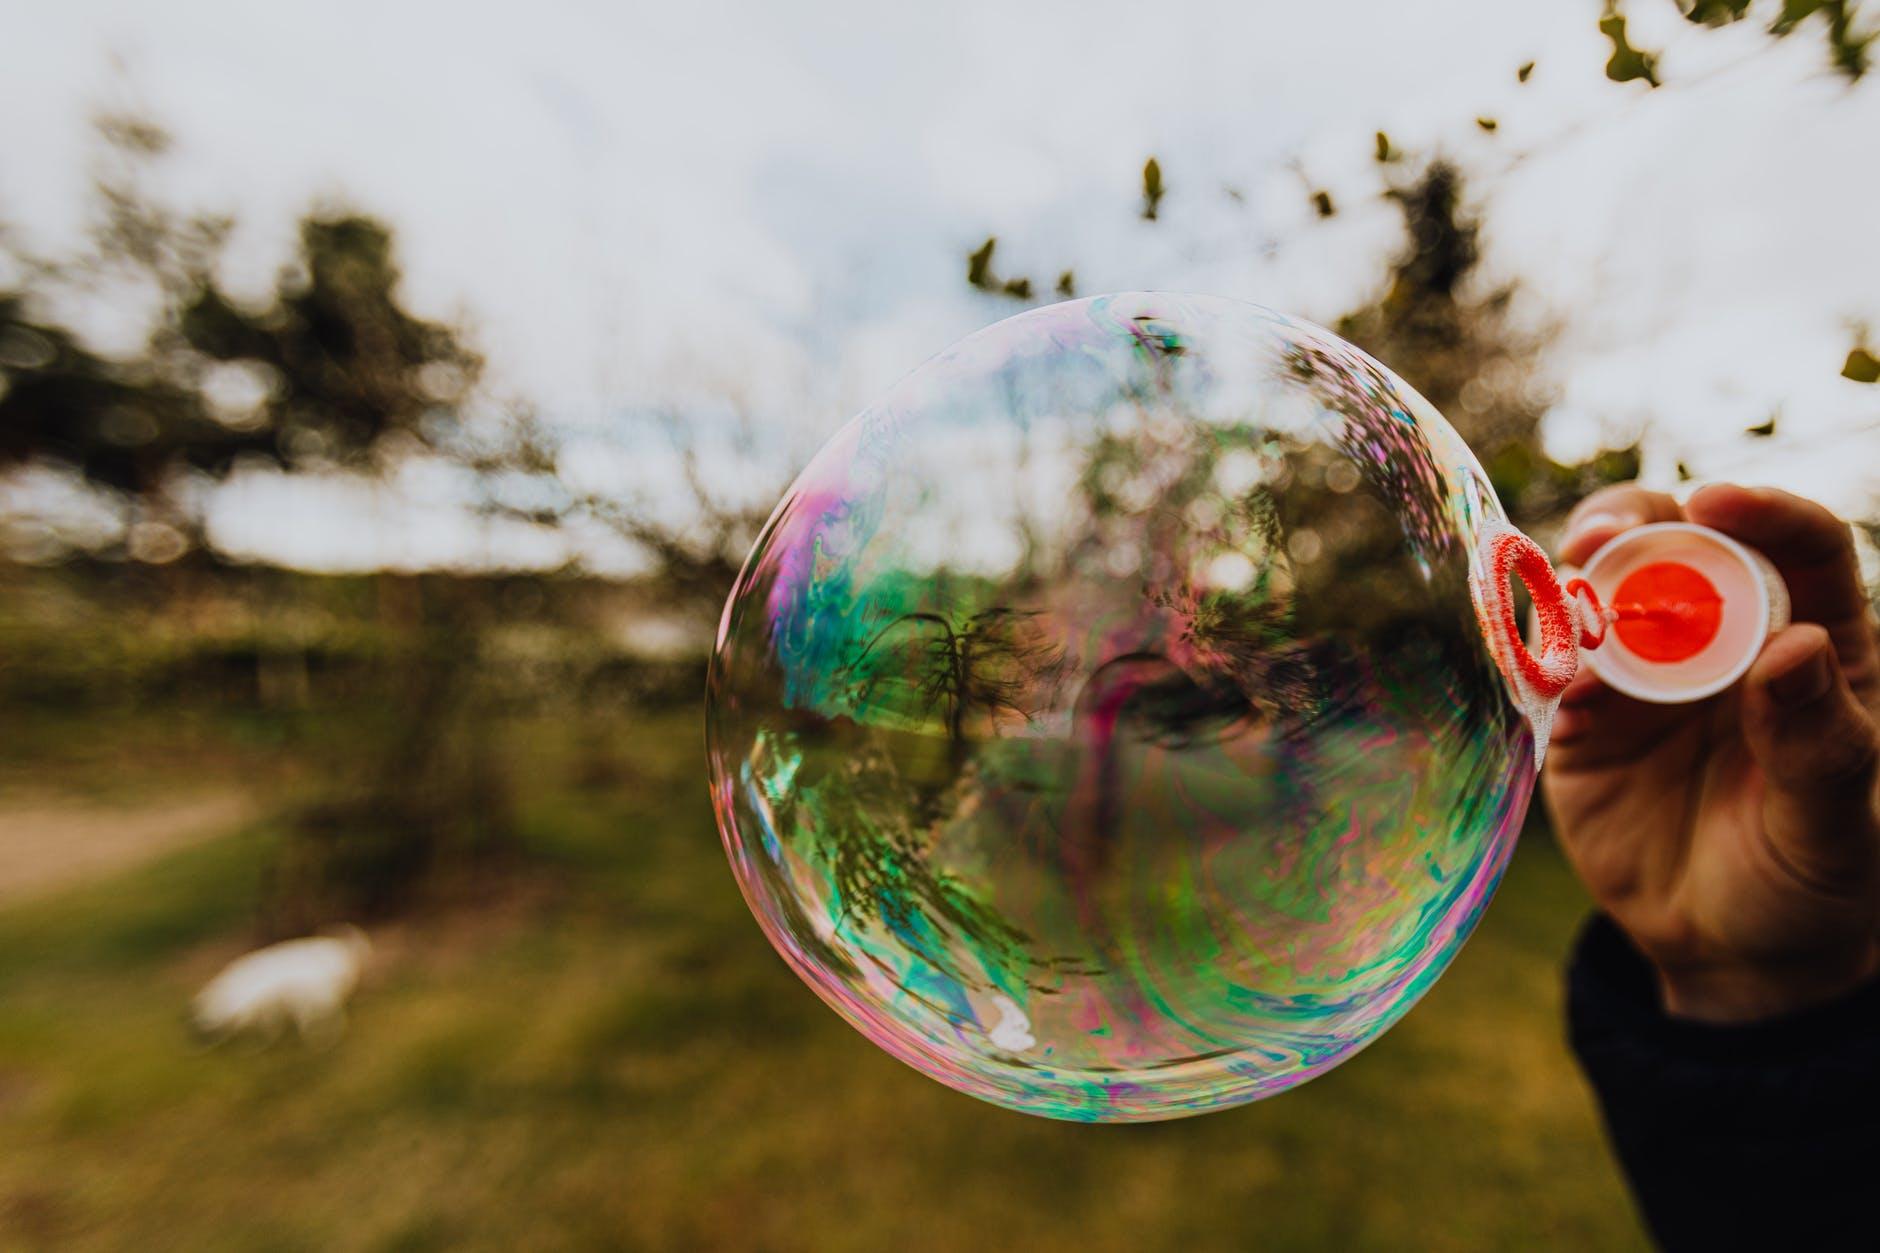 Kijken door een gekleurde zeepbel. Zo zie je de omgeving dankzij personalisatie algoritmes